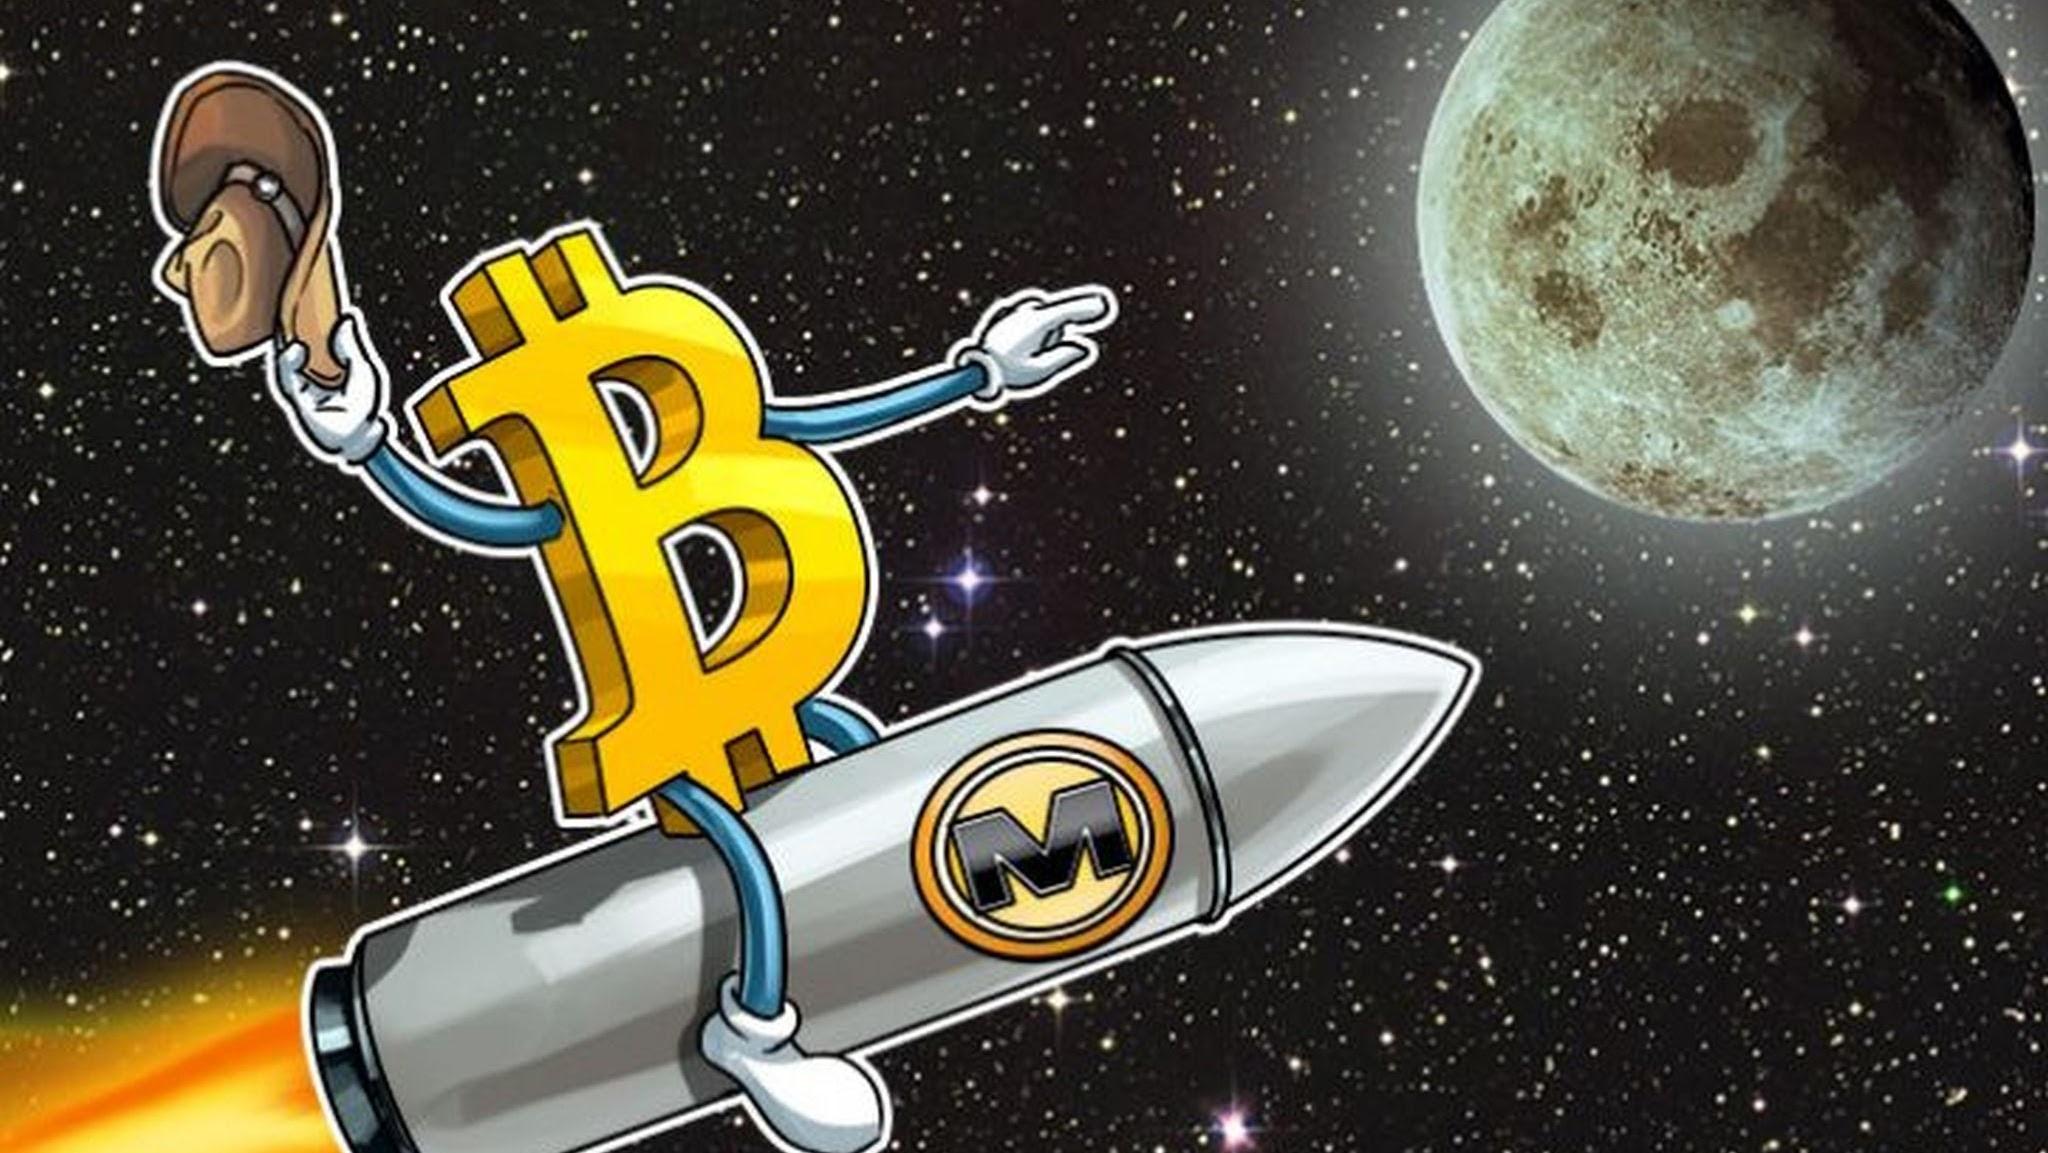 Изображение Криптовалютные транзакции будут отслеживаться, Bitcoin установил новый исторический максимум в 56 тыс долларов и скоро будет облагаться налогом в России